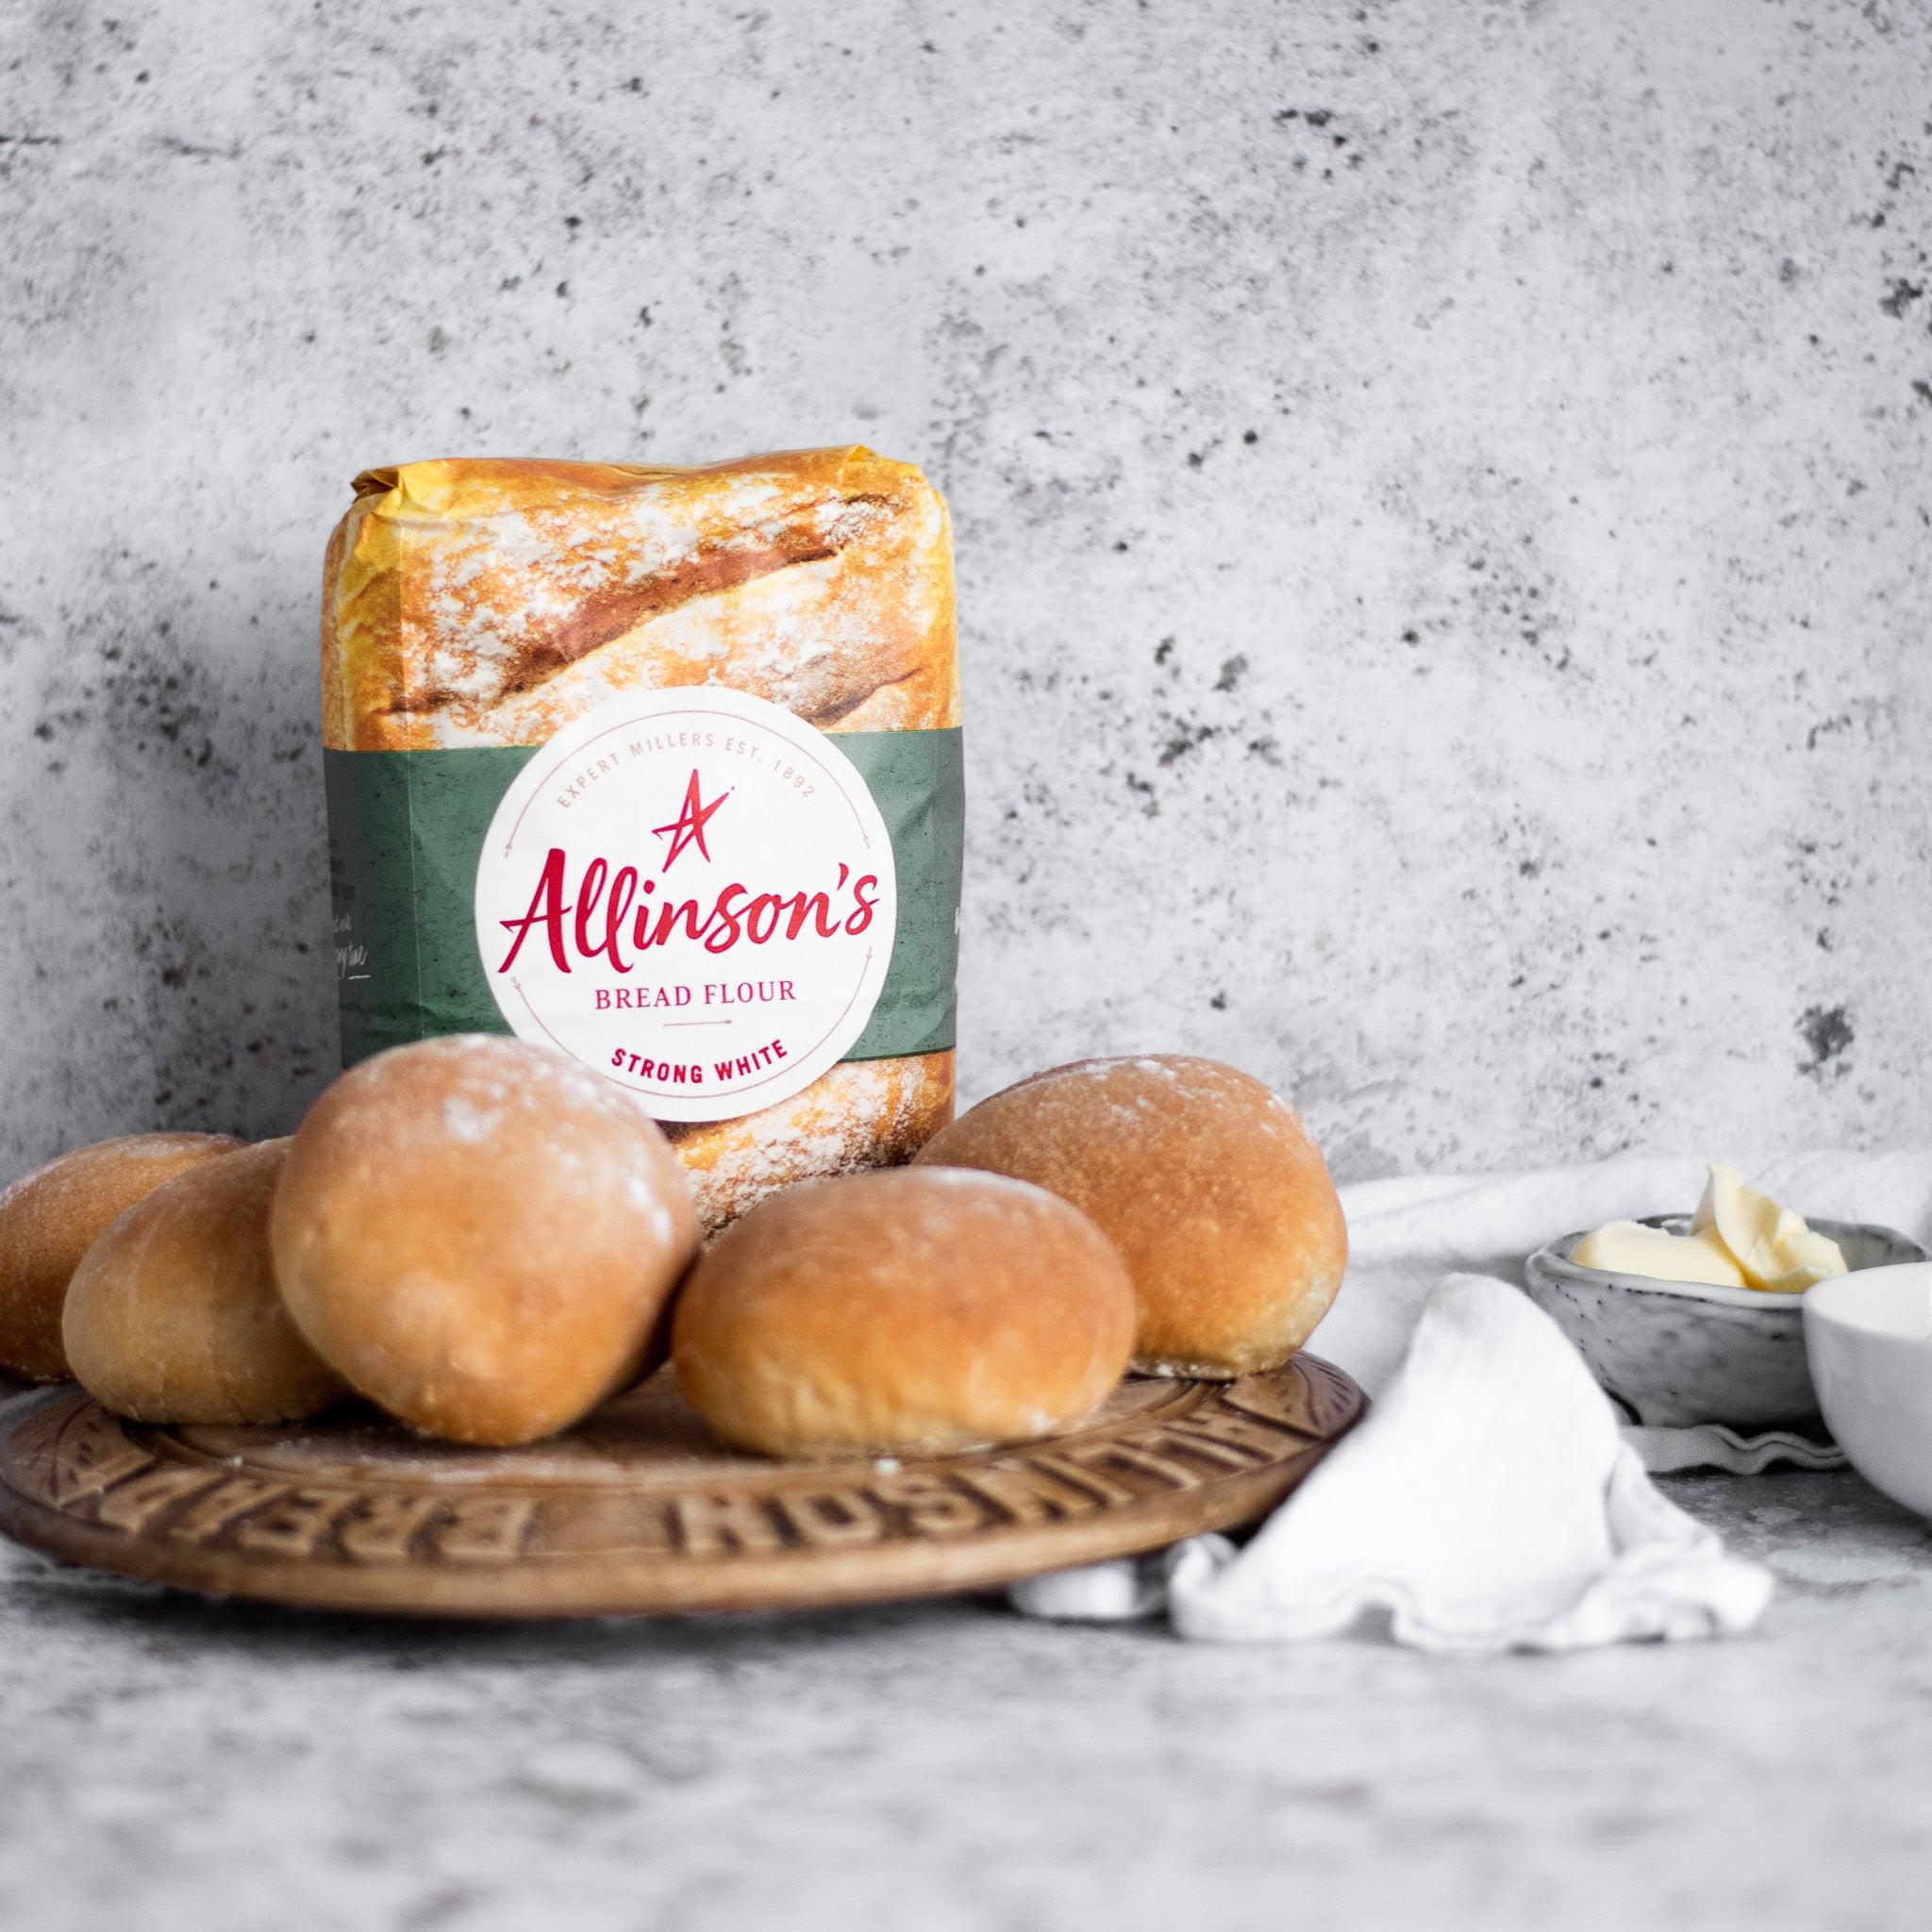 Allinsons-White-Rolls-11-Baking-Mad-10.jpg